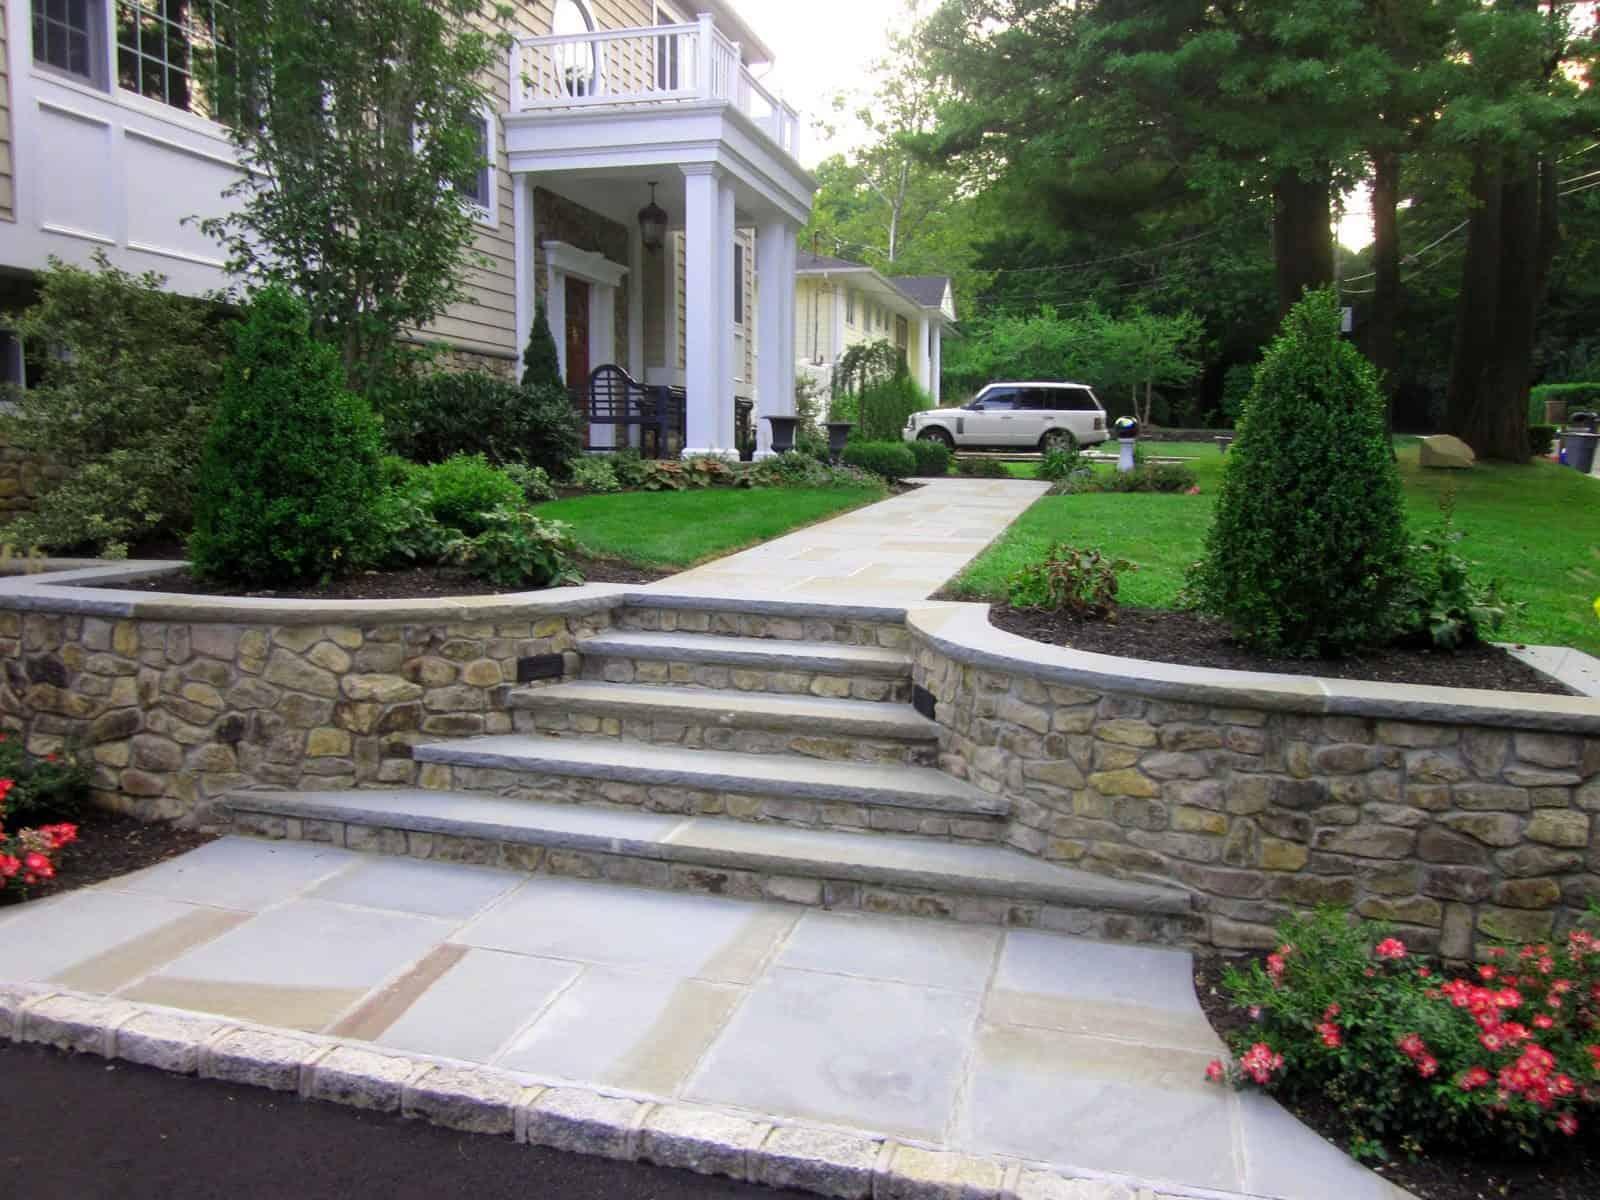 Natural Thin Stone Veneer - PA Ledgestone with Rock Faced Bluestone Cap and Treads - Glen Cove, Long Island NY